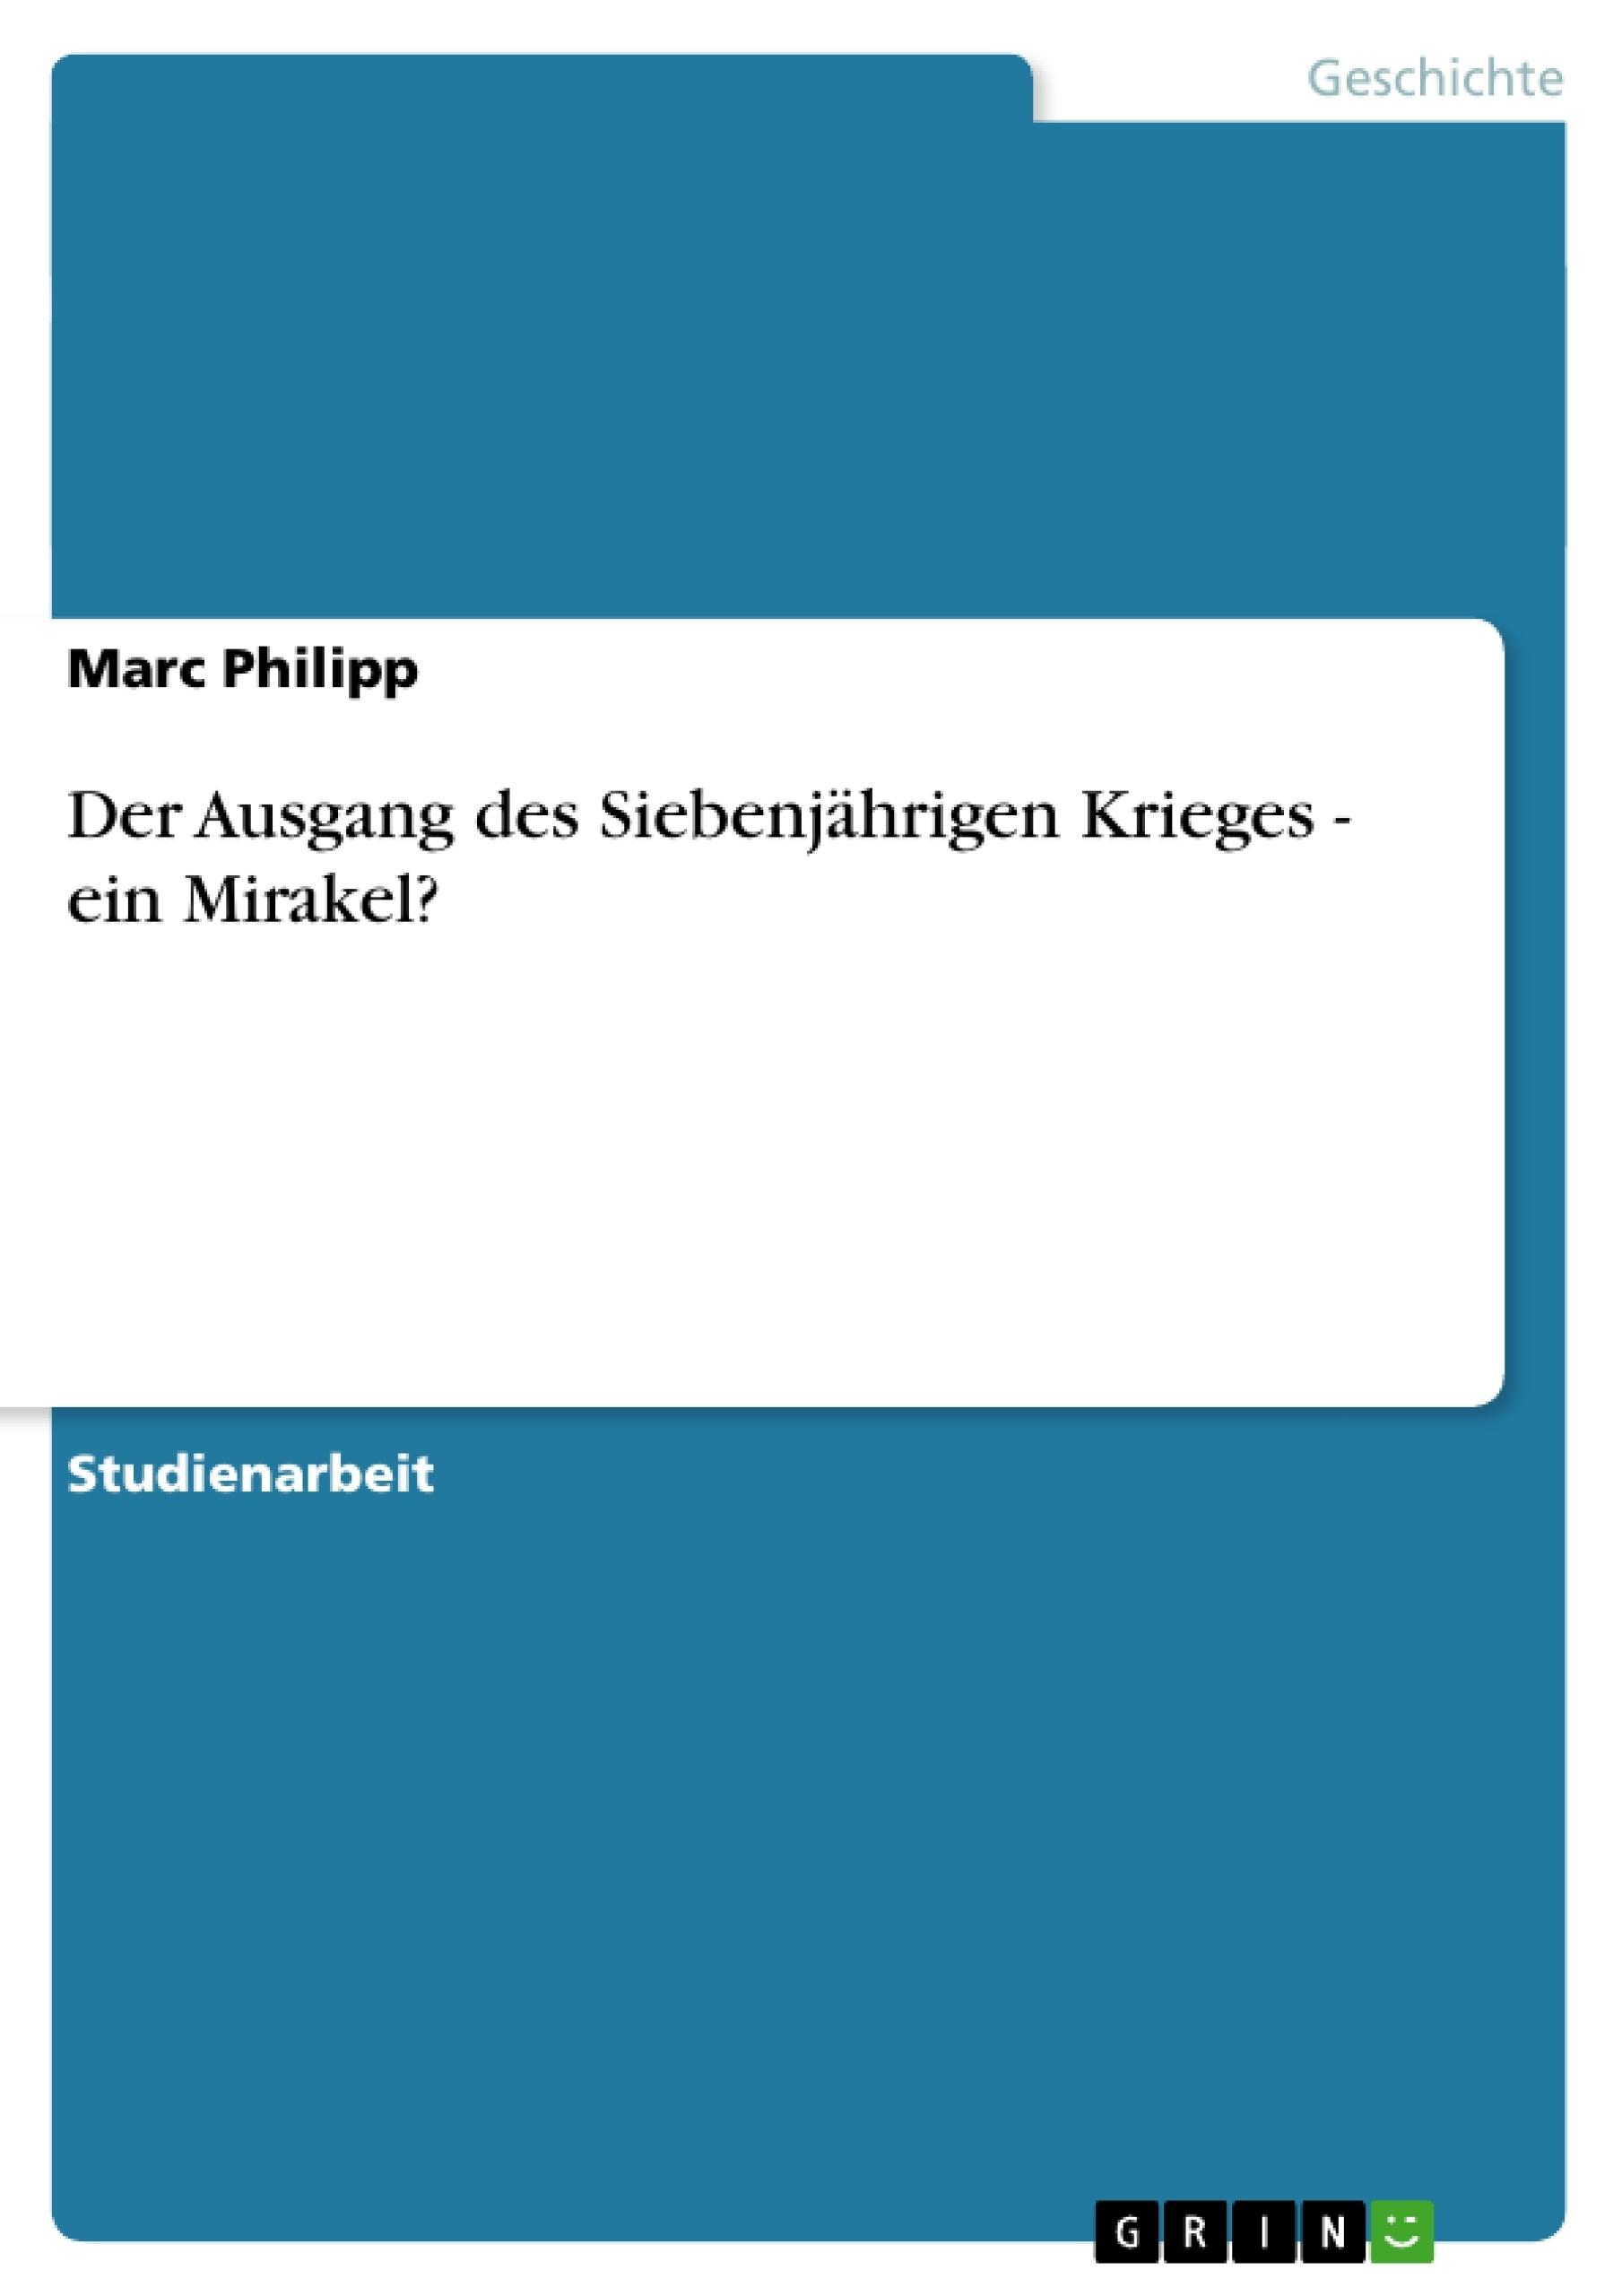 Titel: Der Ausgang des Siebenjährigen Krieges - ein Mirakel?